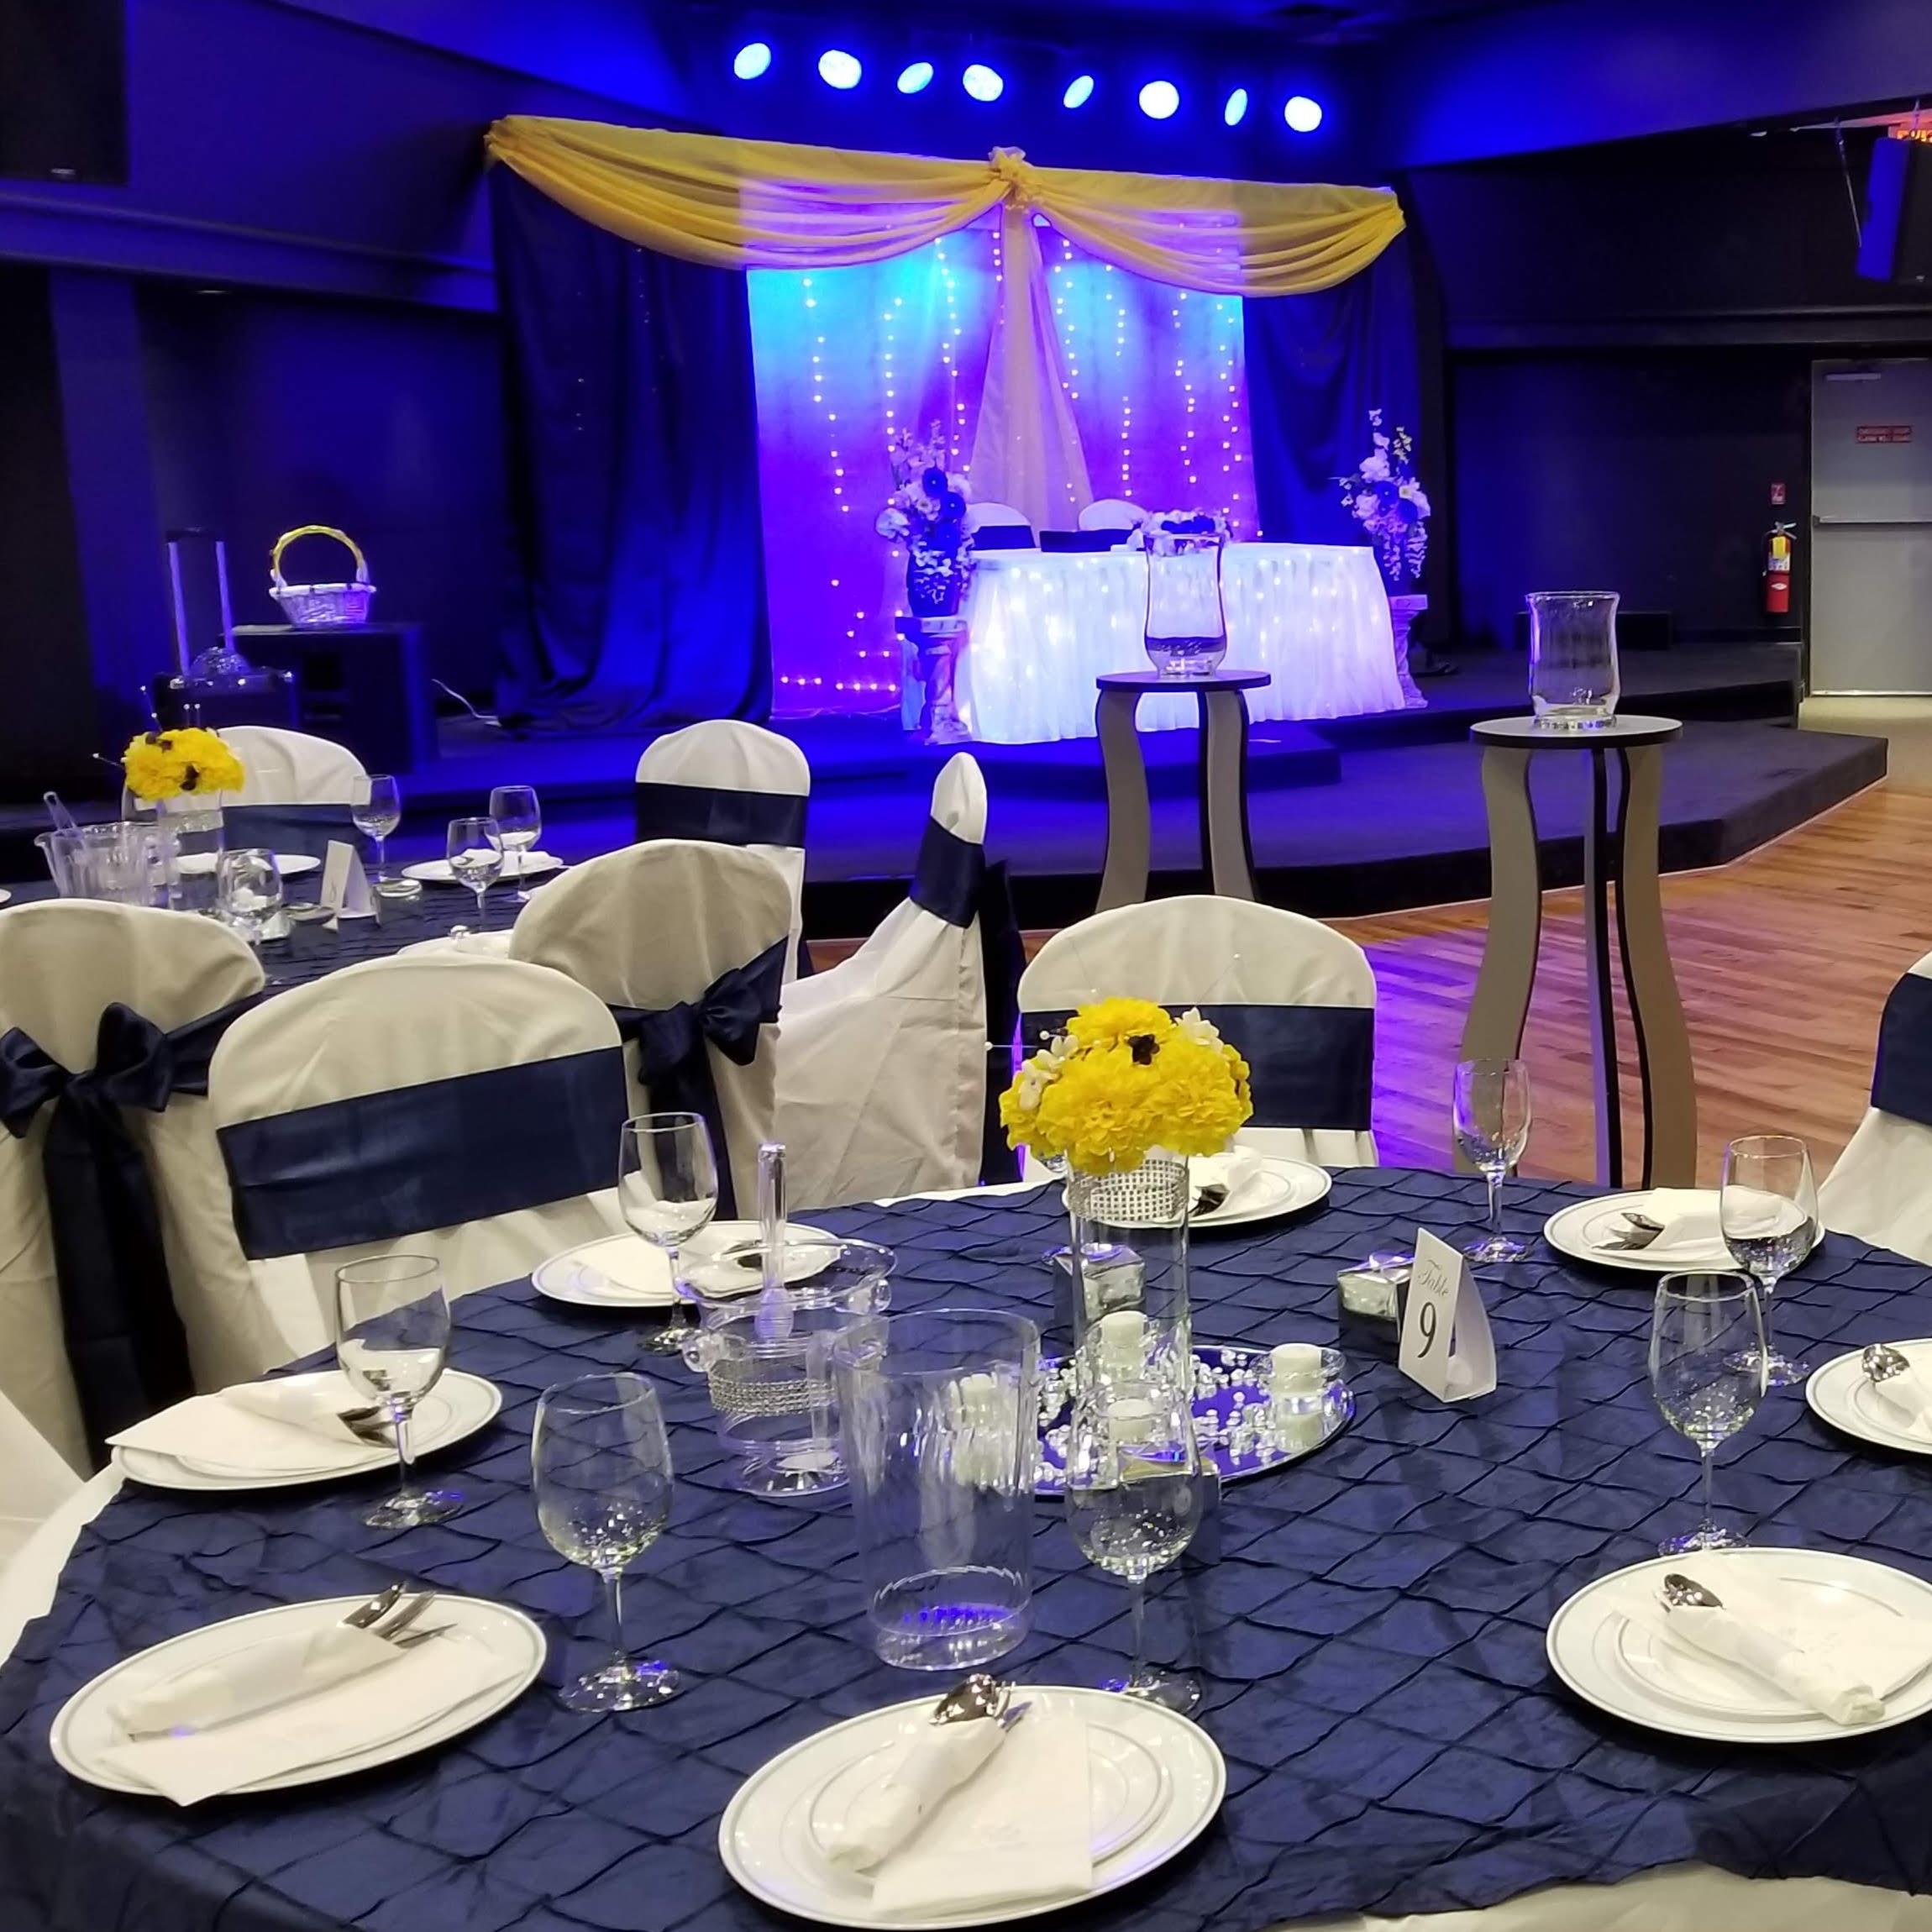 393 Event Center